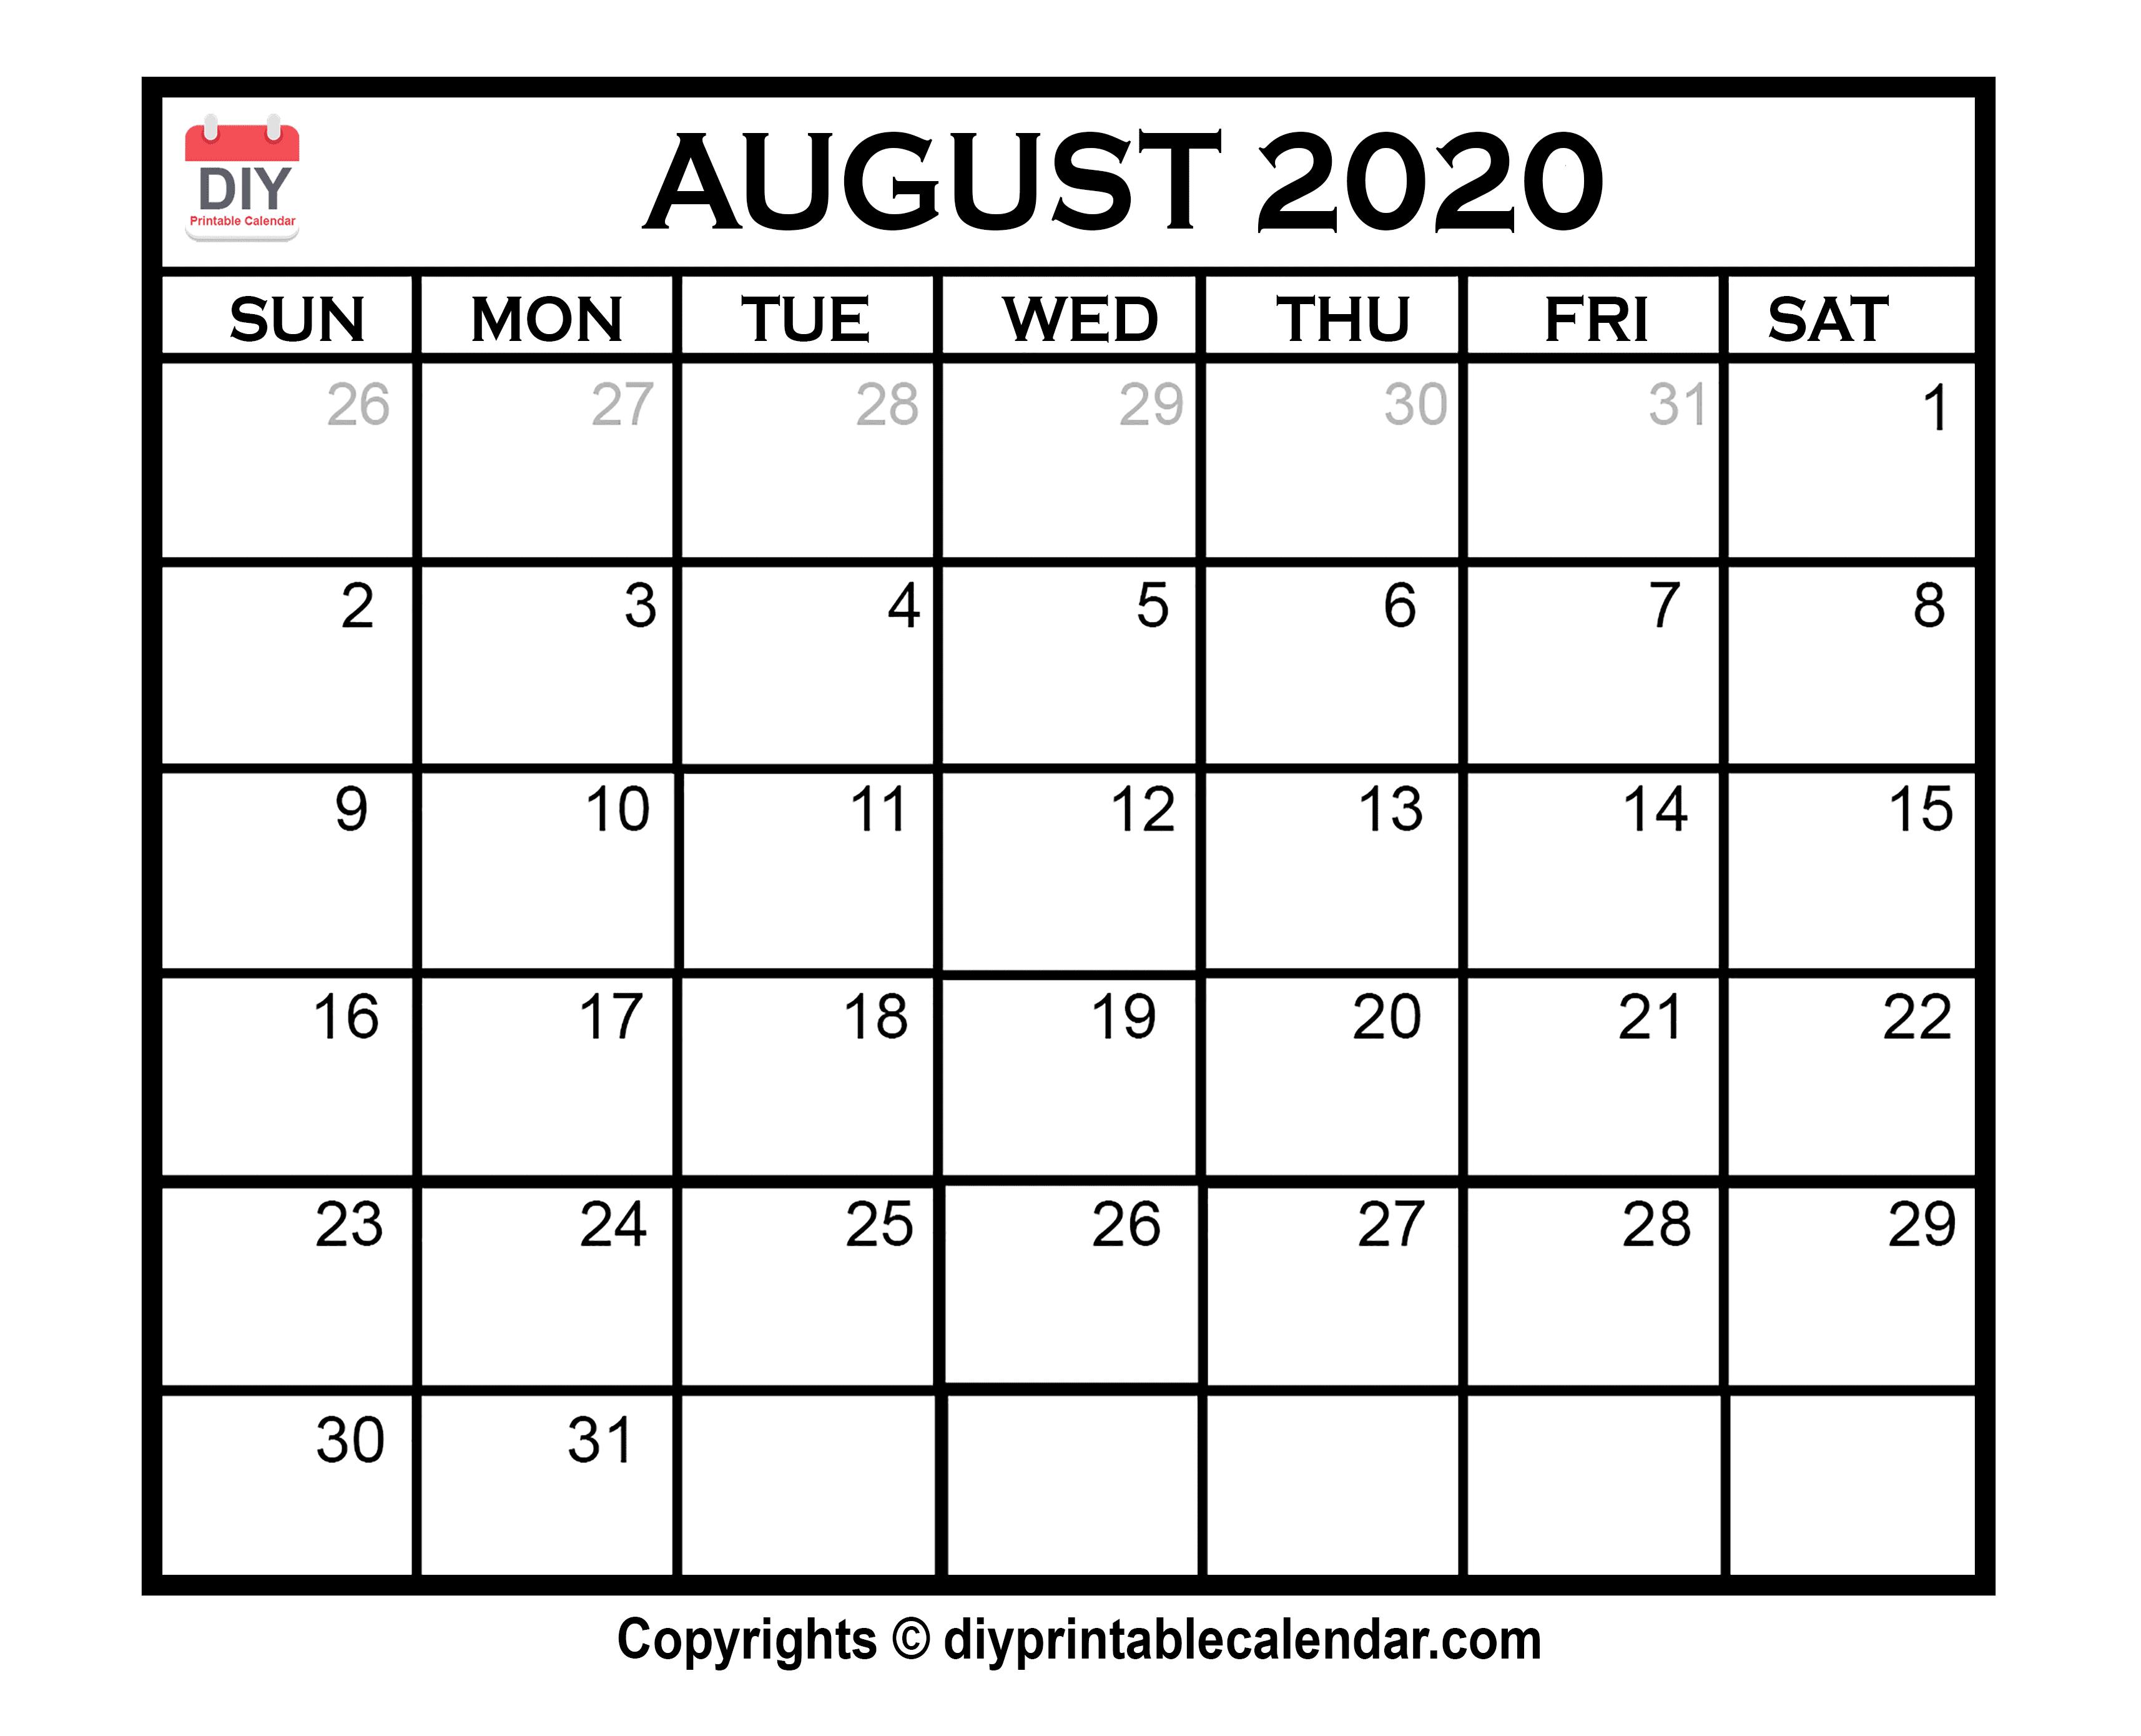 033 Free Blank Calendar Template August Printable Singular intended for August 2020 And September 2020 Calendar